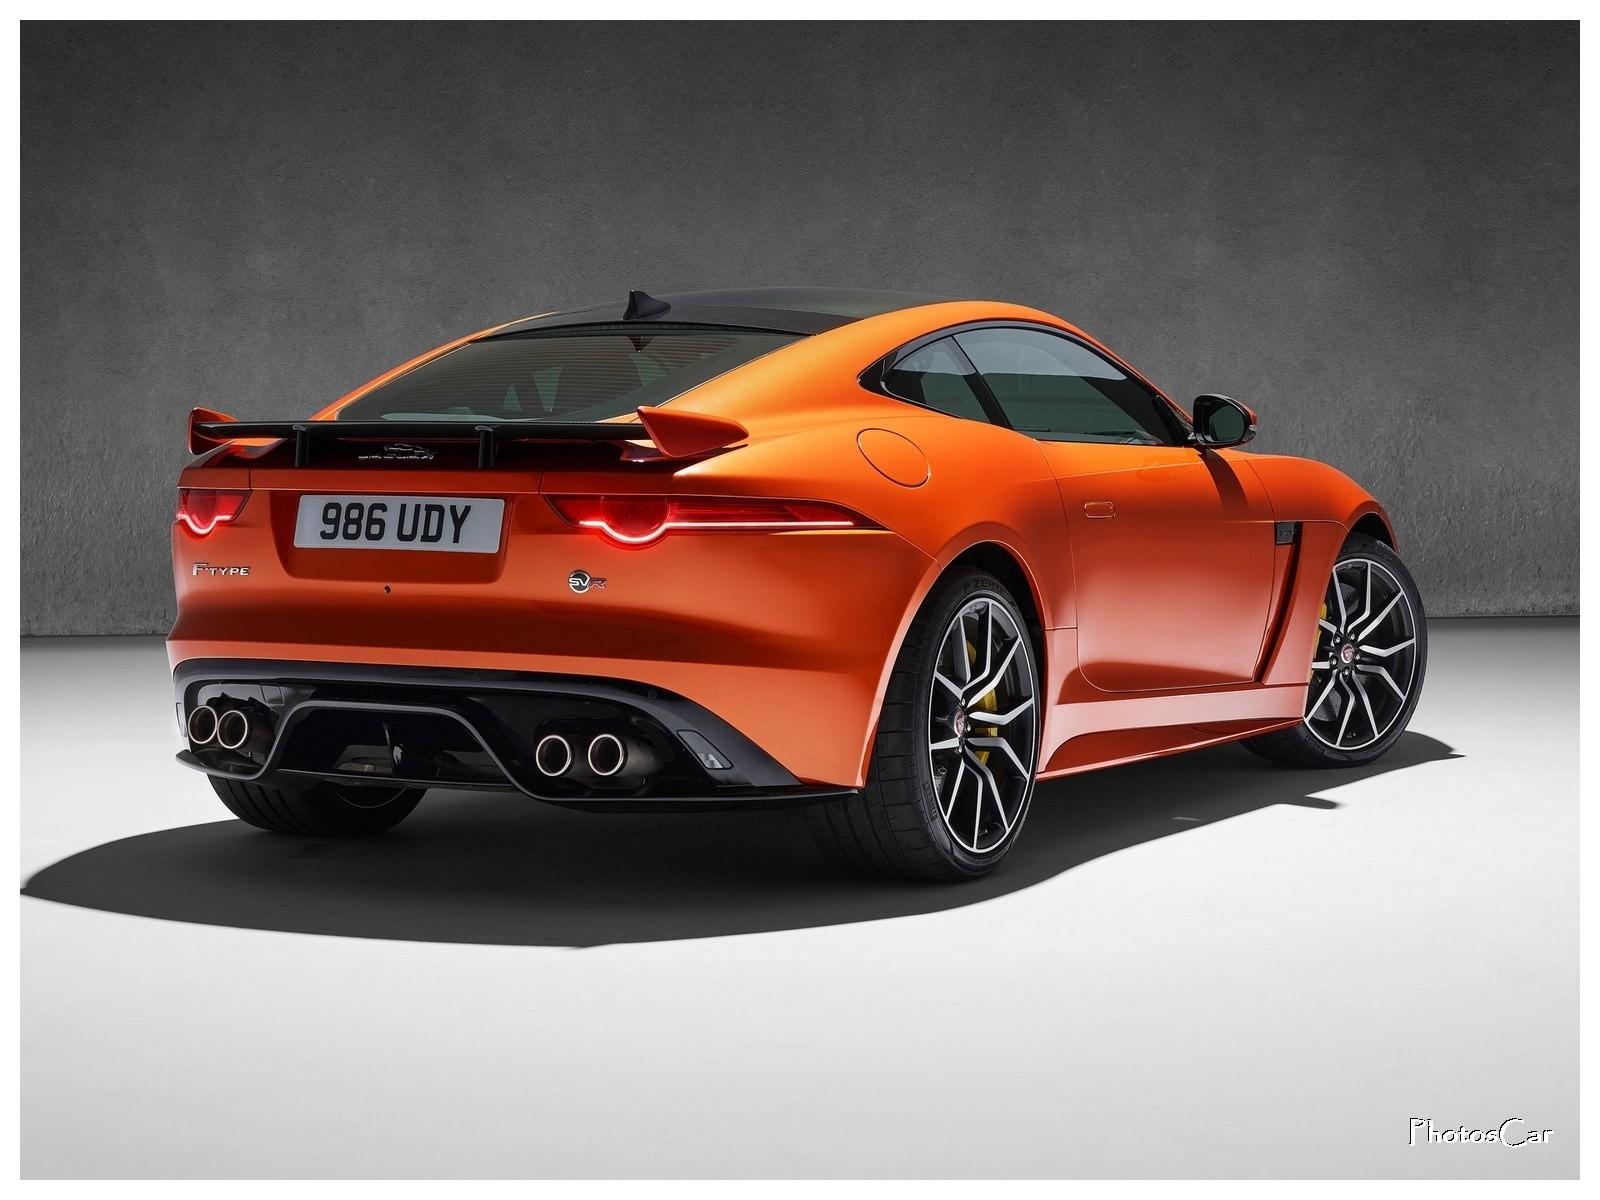 2017 Jaguar F-Type SVR Coupe